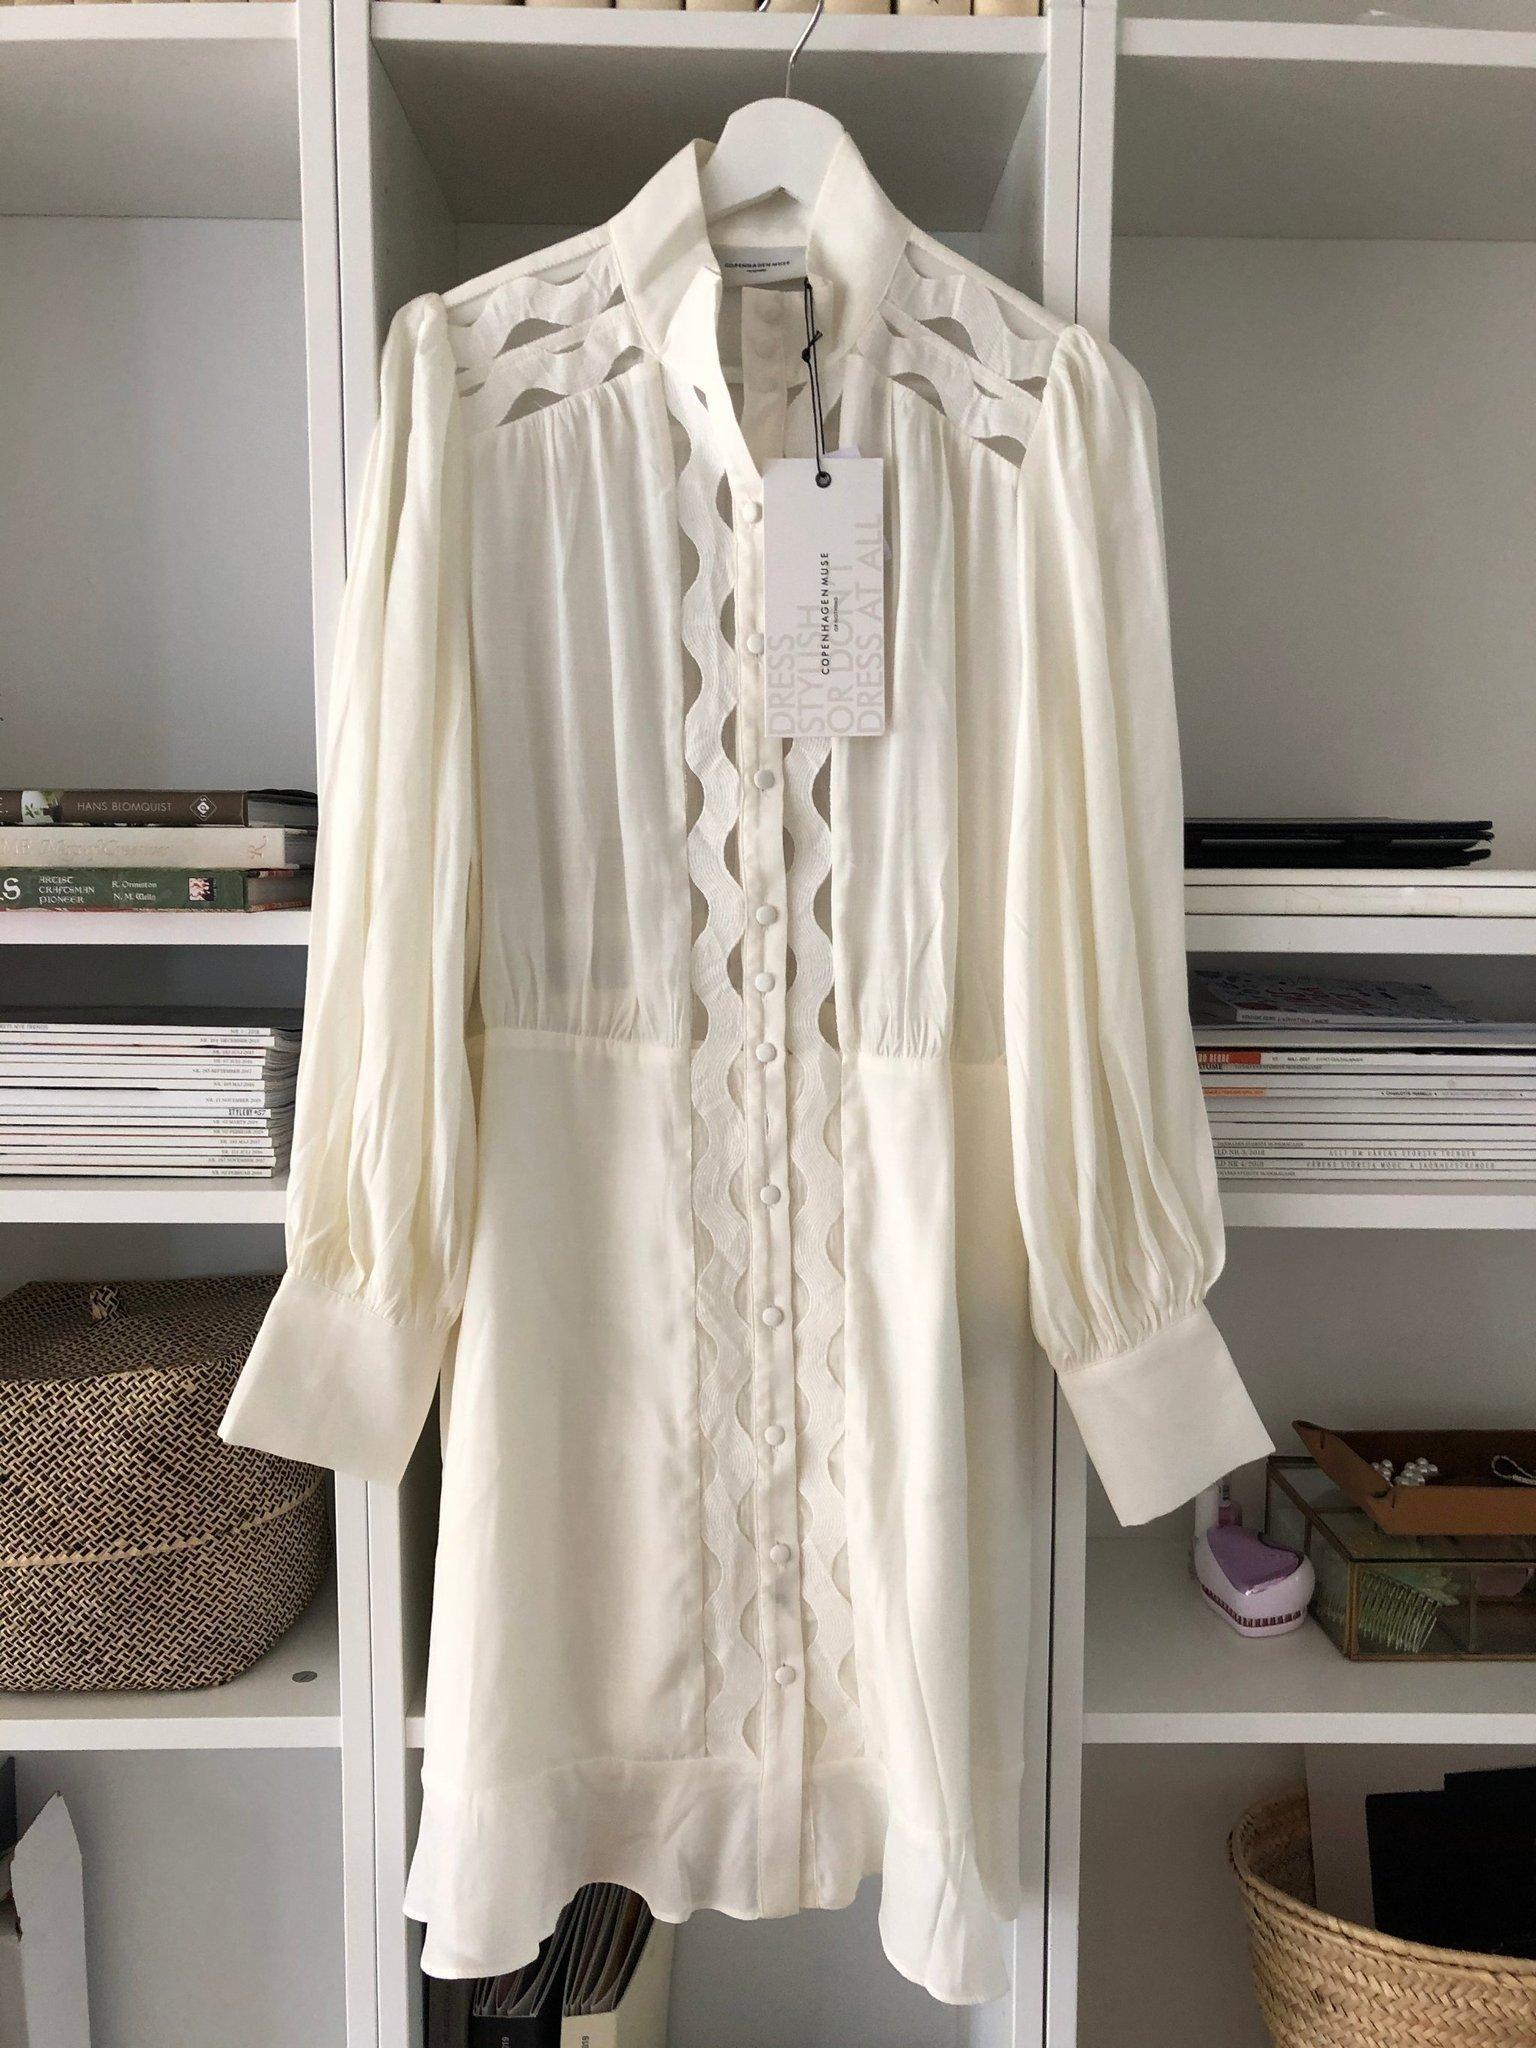 Copenhagen muse vit klänning helt ny strlk M (410210270) ᐈ